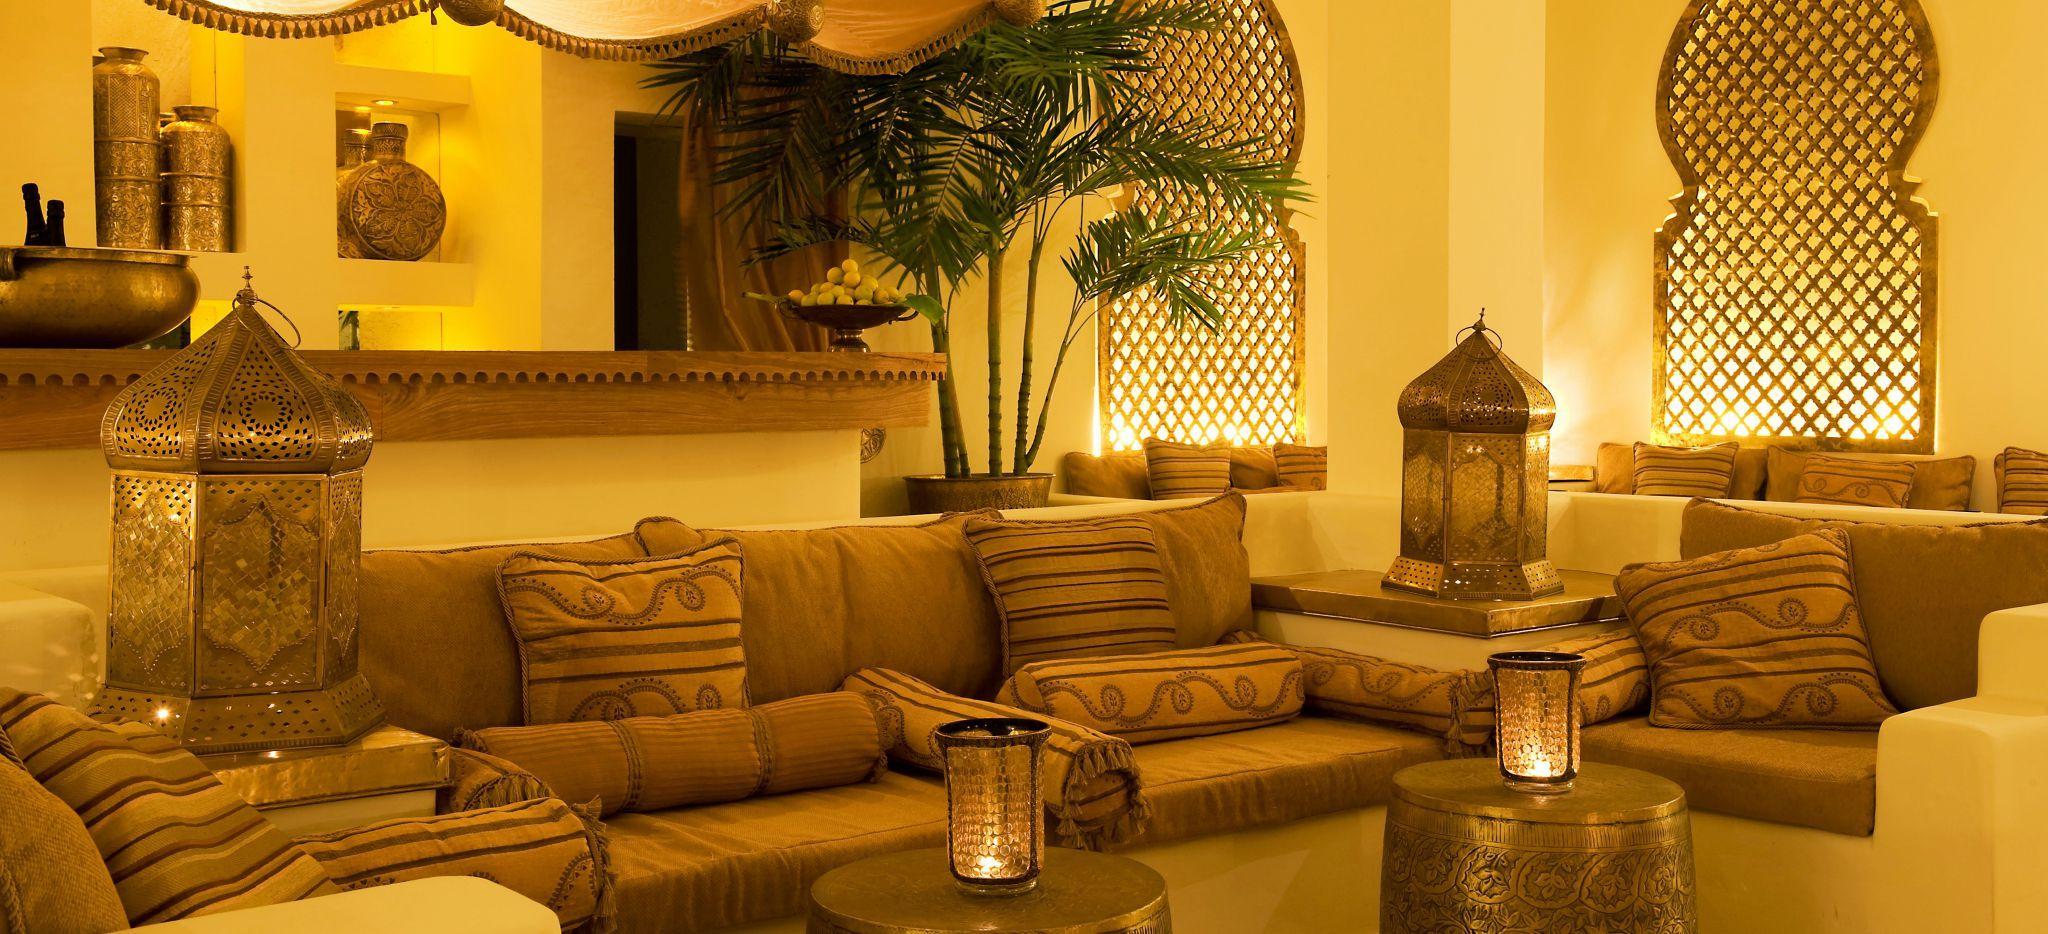 Eine arabisch-omanische Sitzecke, in Gelb-, braun- und Kupfertönen